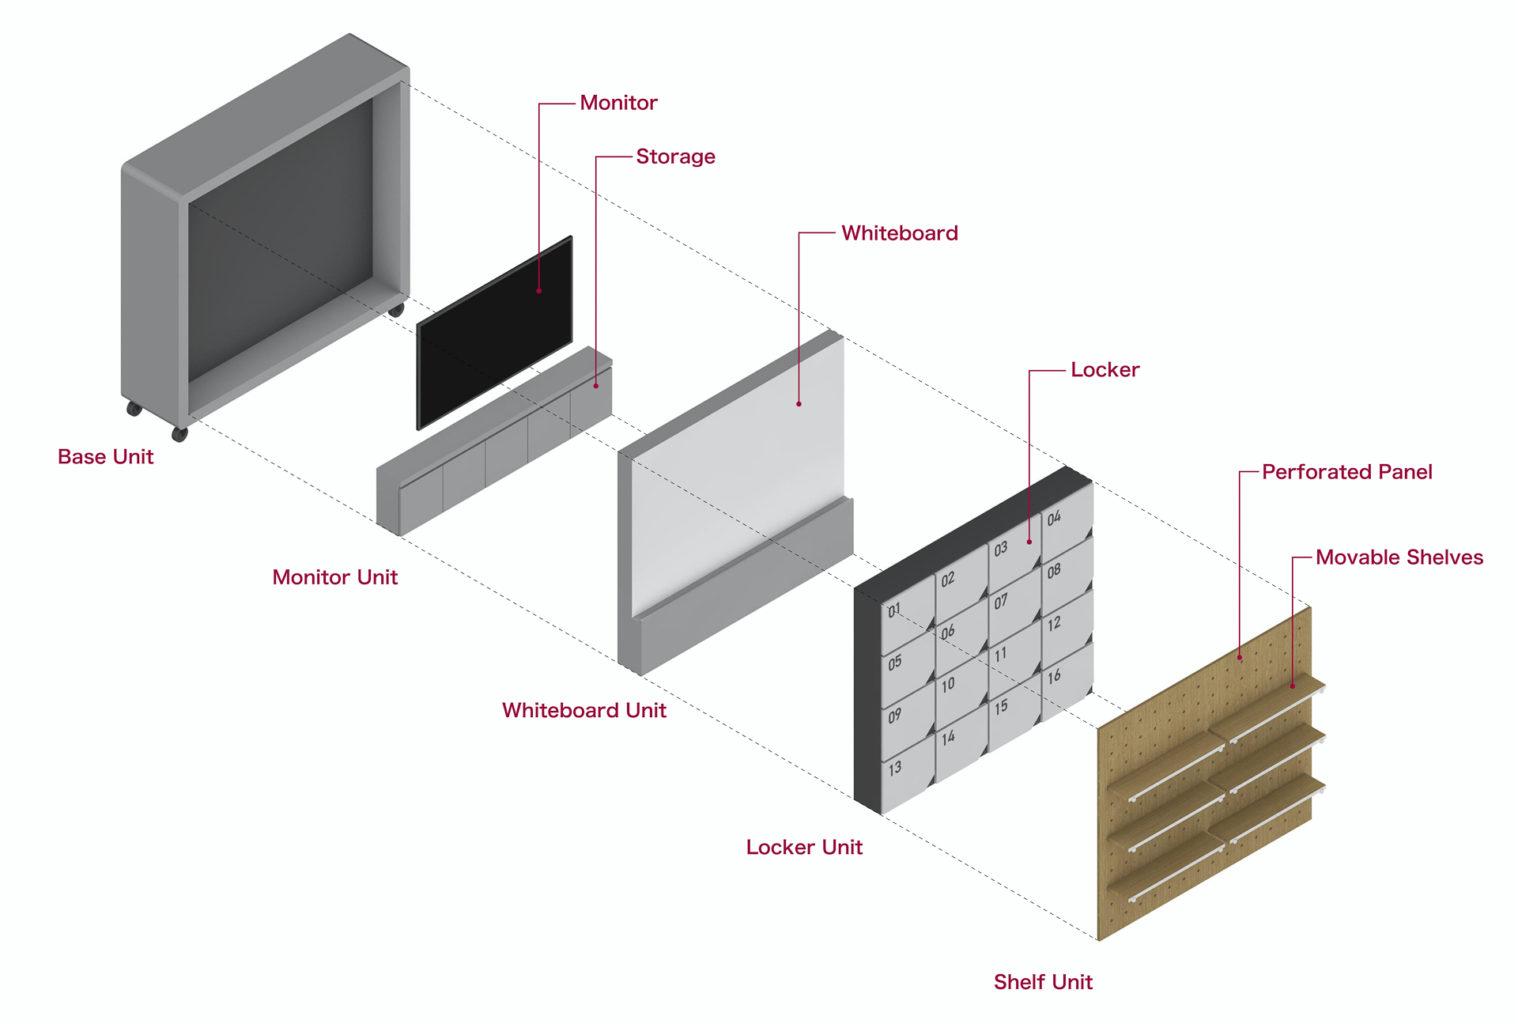 オフィス内のグループ単位でカスタマイズできる移動型システム什器の使用事例・イメージ